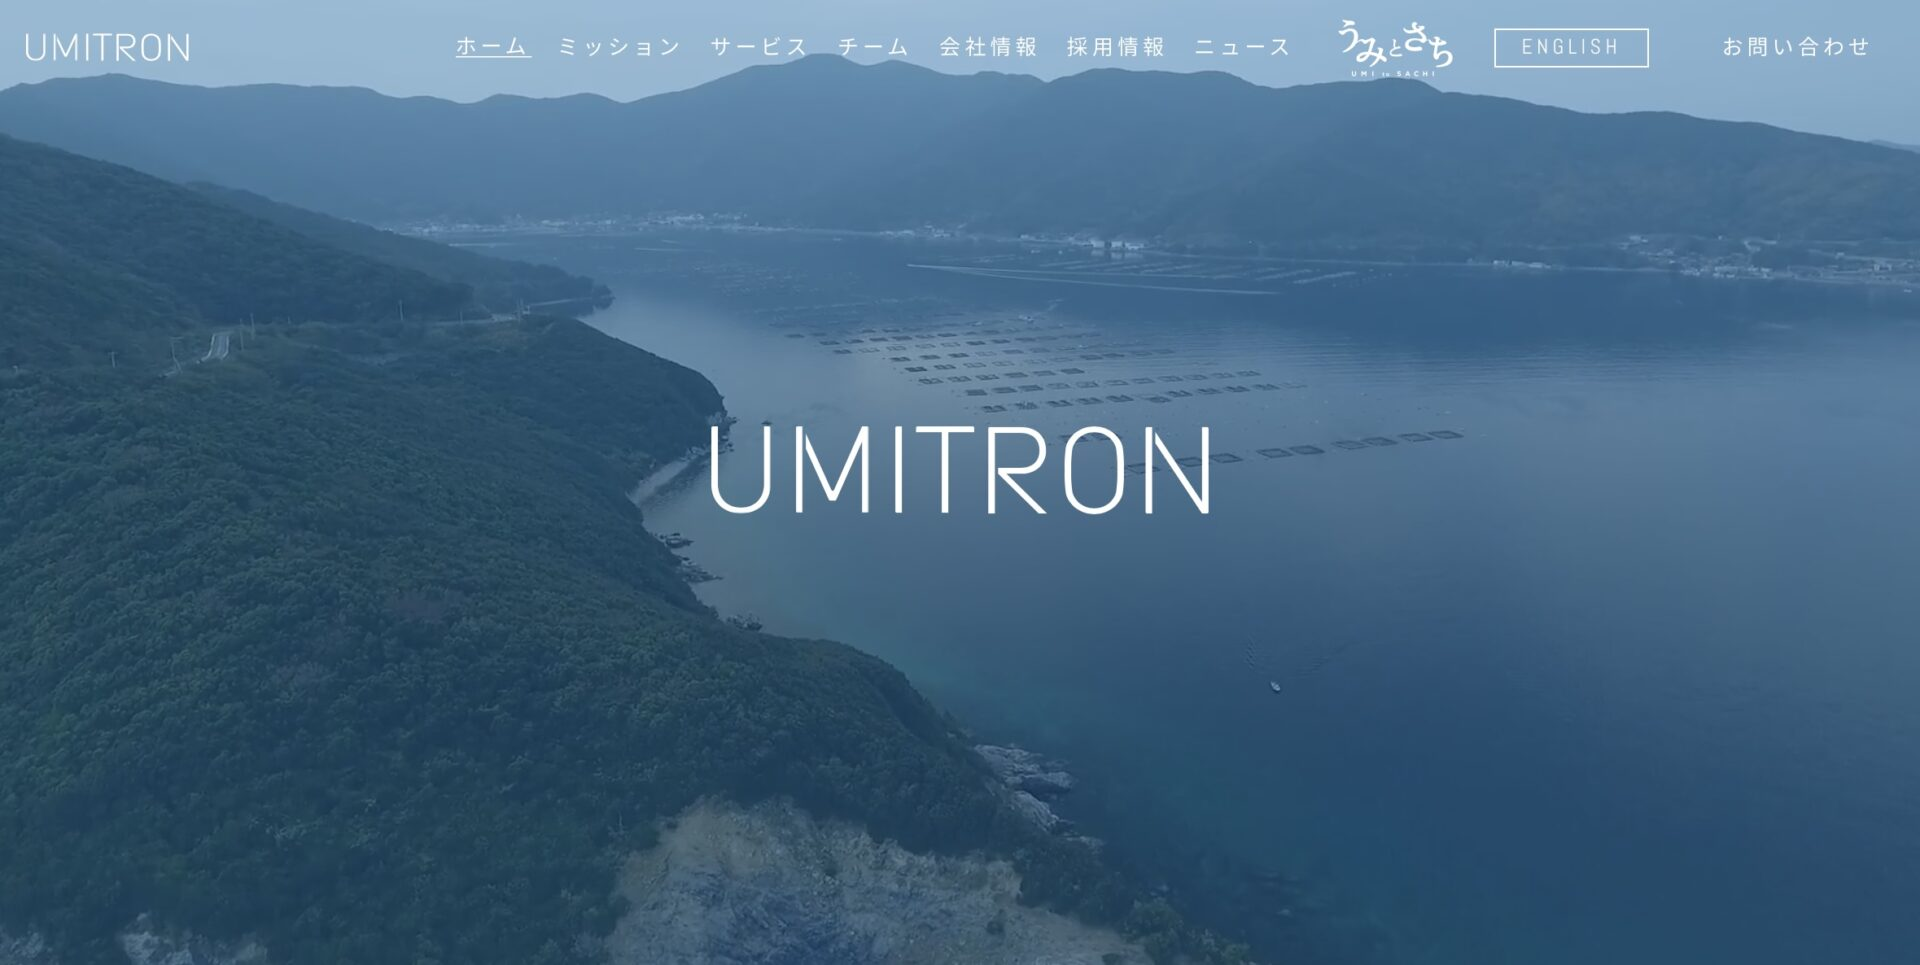 ウミトロン